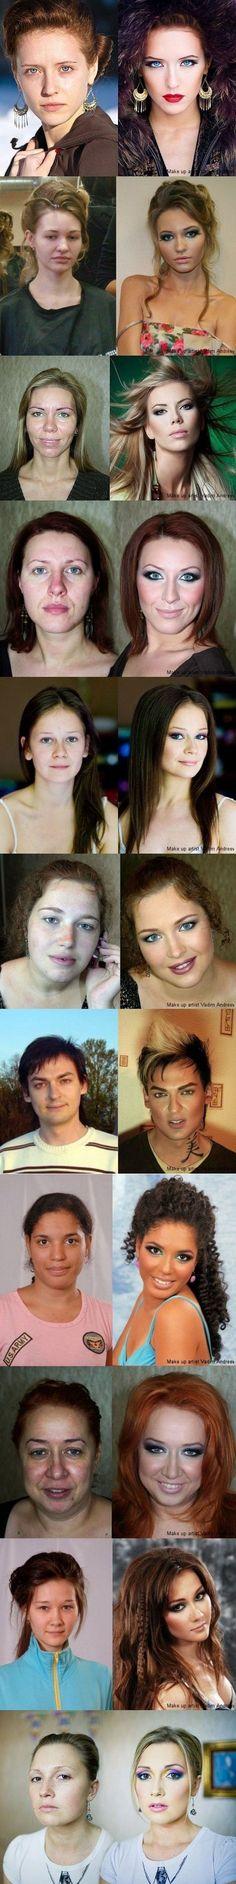 magic makeup: